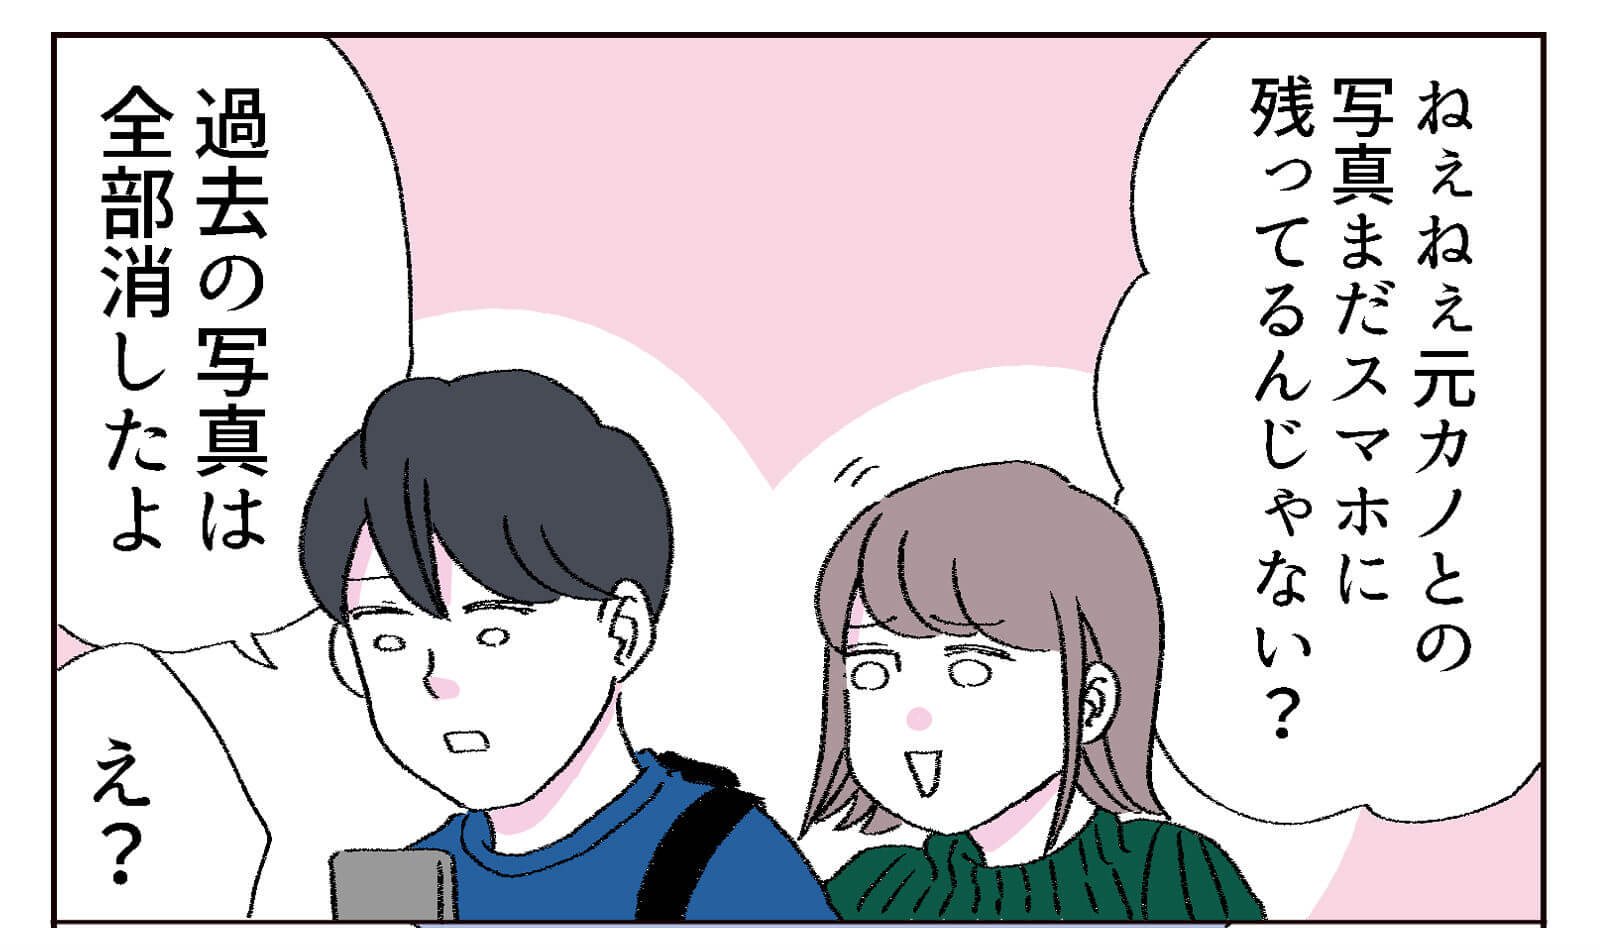 【4コマ】重たい彼女の扱い方 ~元カノとの写真~(作:トミムラコタ)